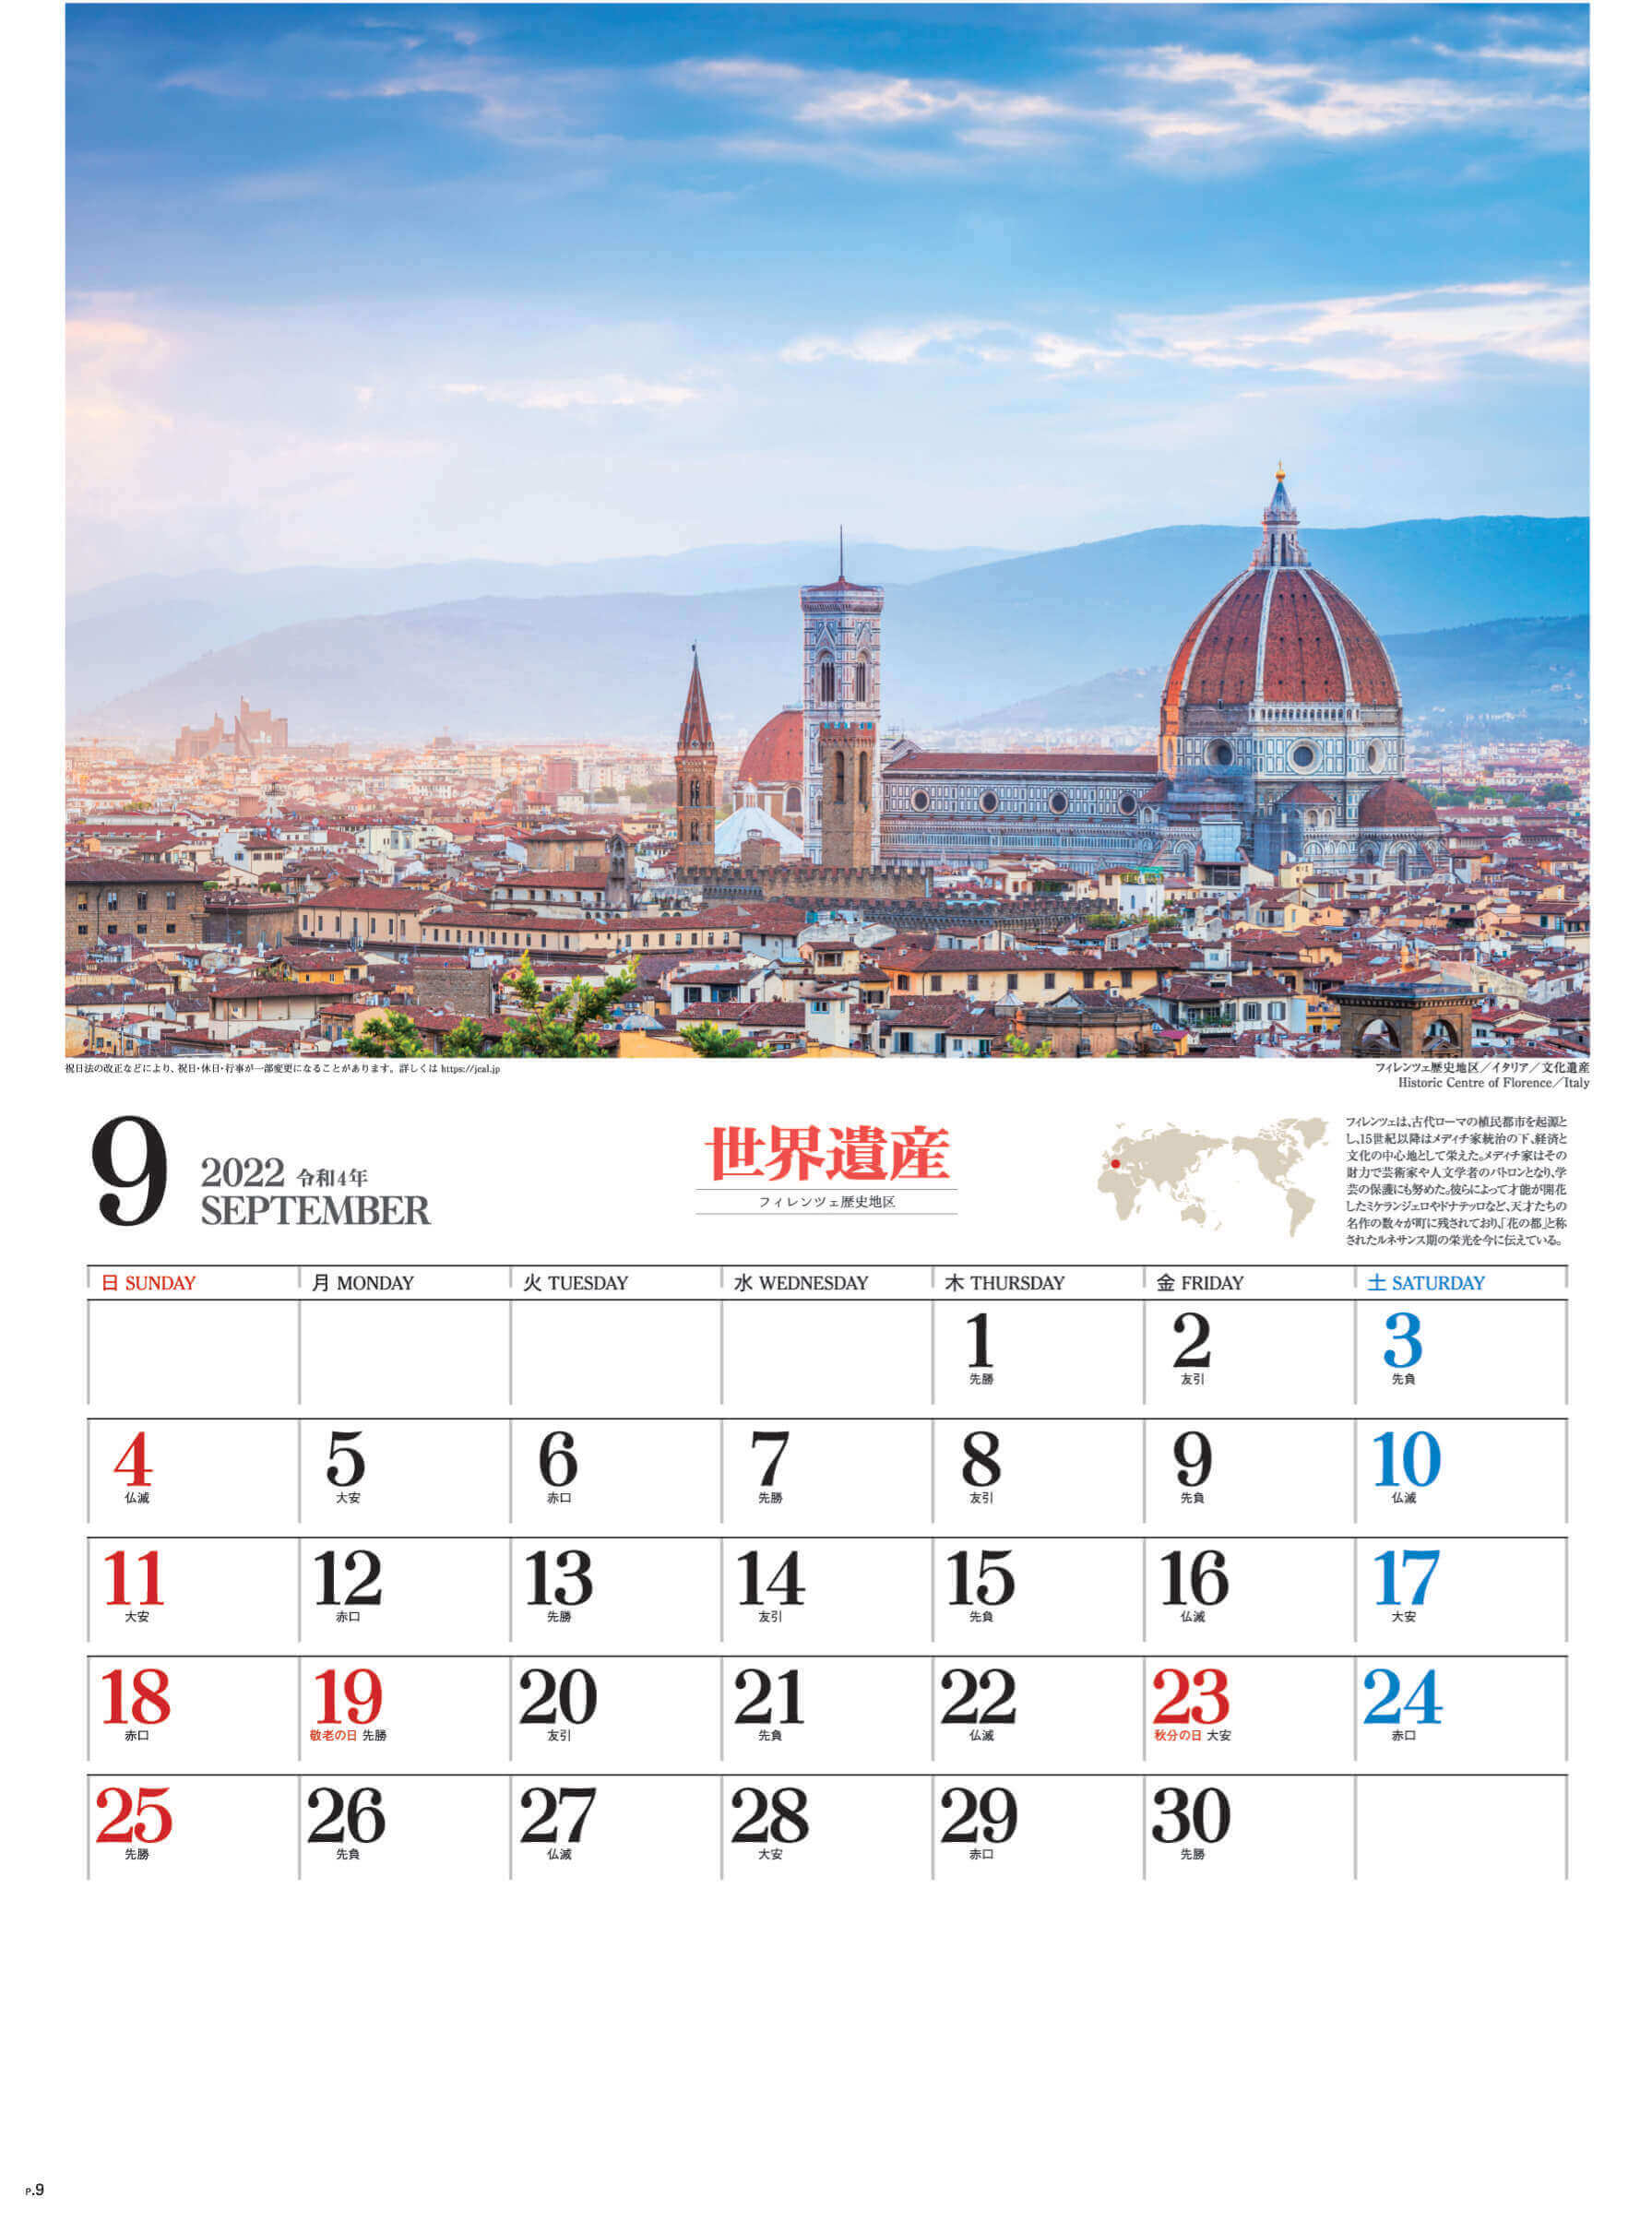 9月 フィレンツェ歴史地区 イタリア ユネスコ世界遺産 2022年カレンダーの画像